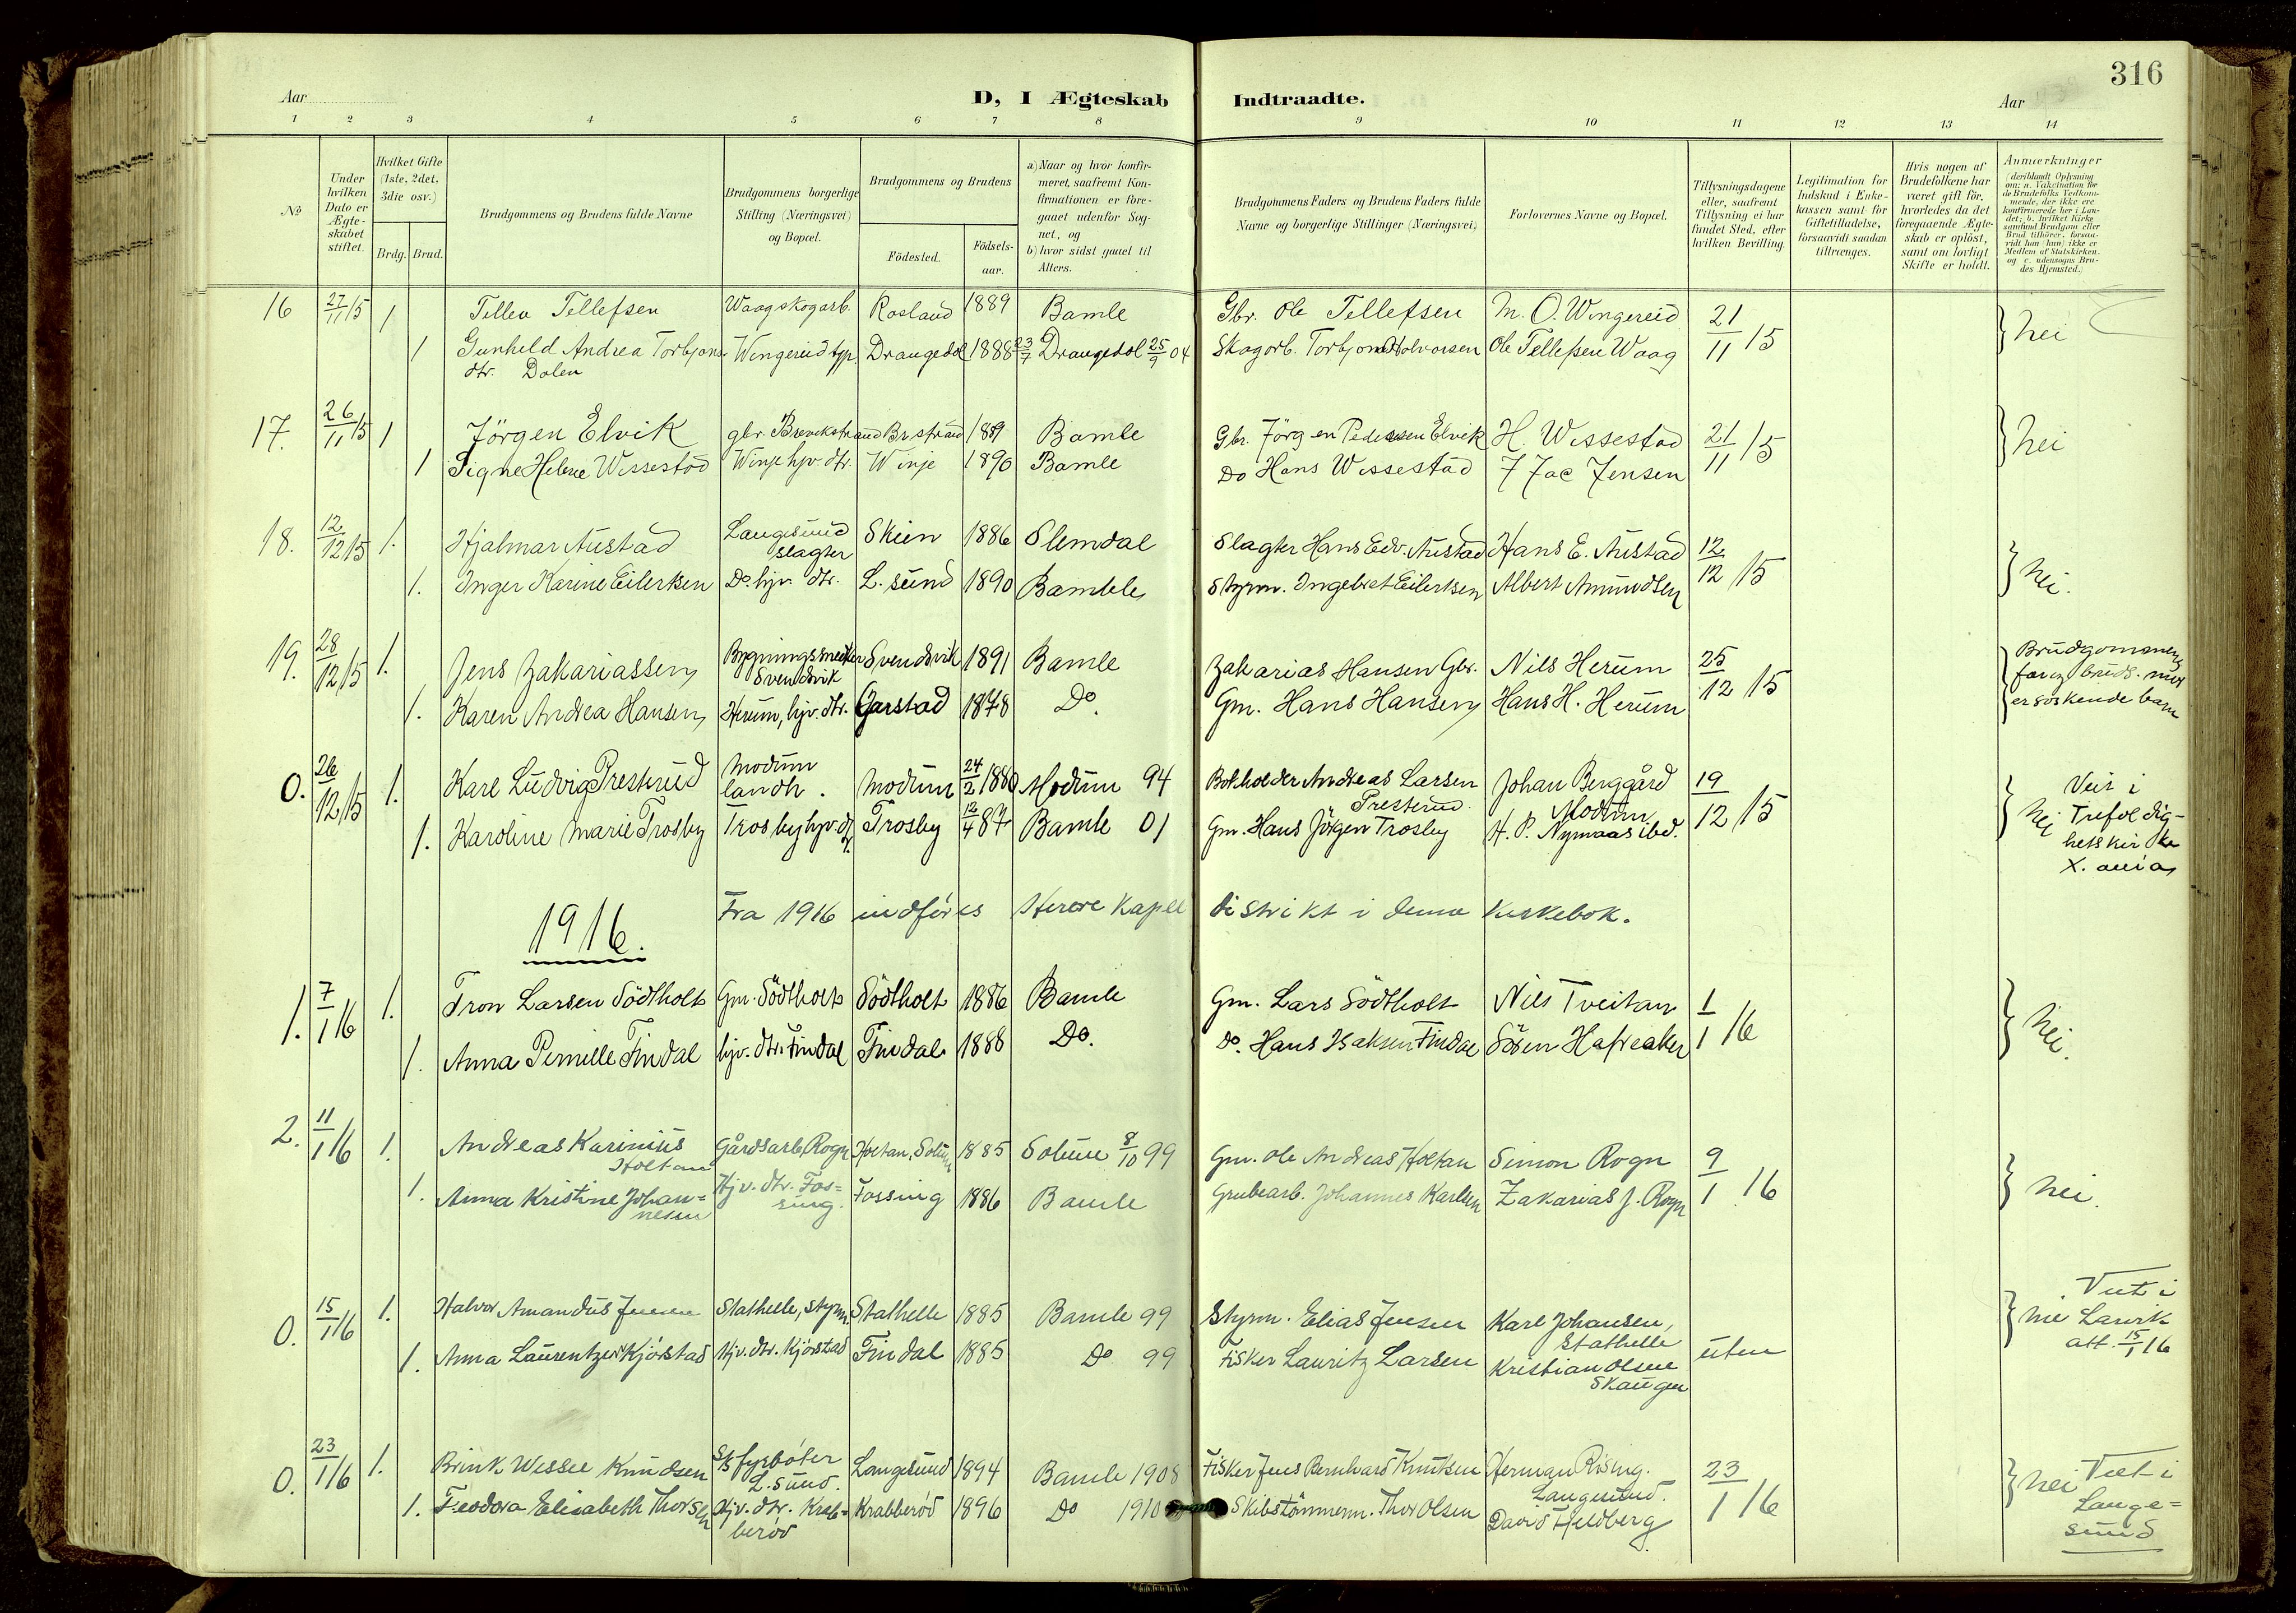 SAKO, Bamble kirkebøker, G/Ga/L0010: Klokkerbok nr. I 10, 1901-1919, s. 316